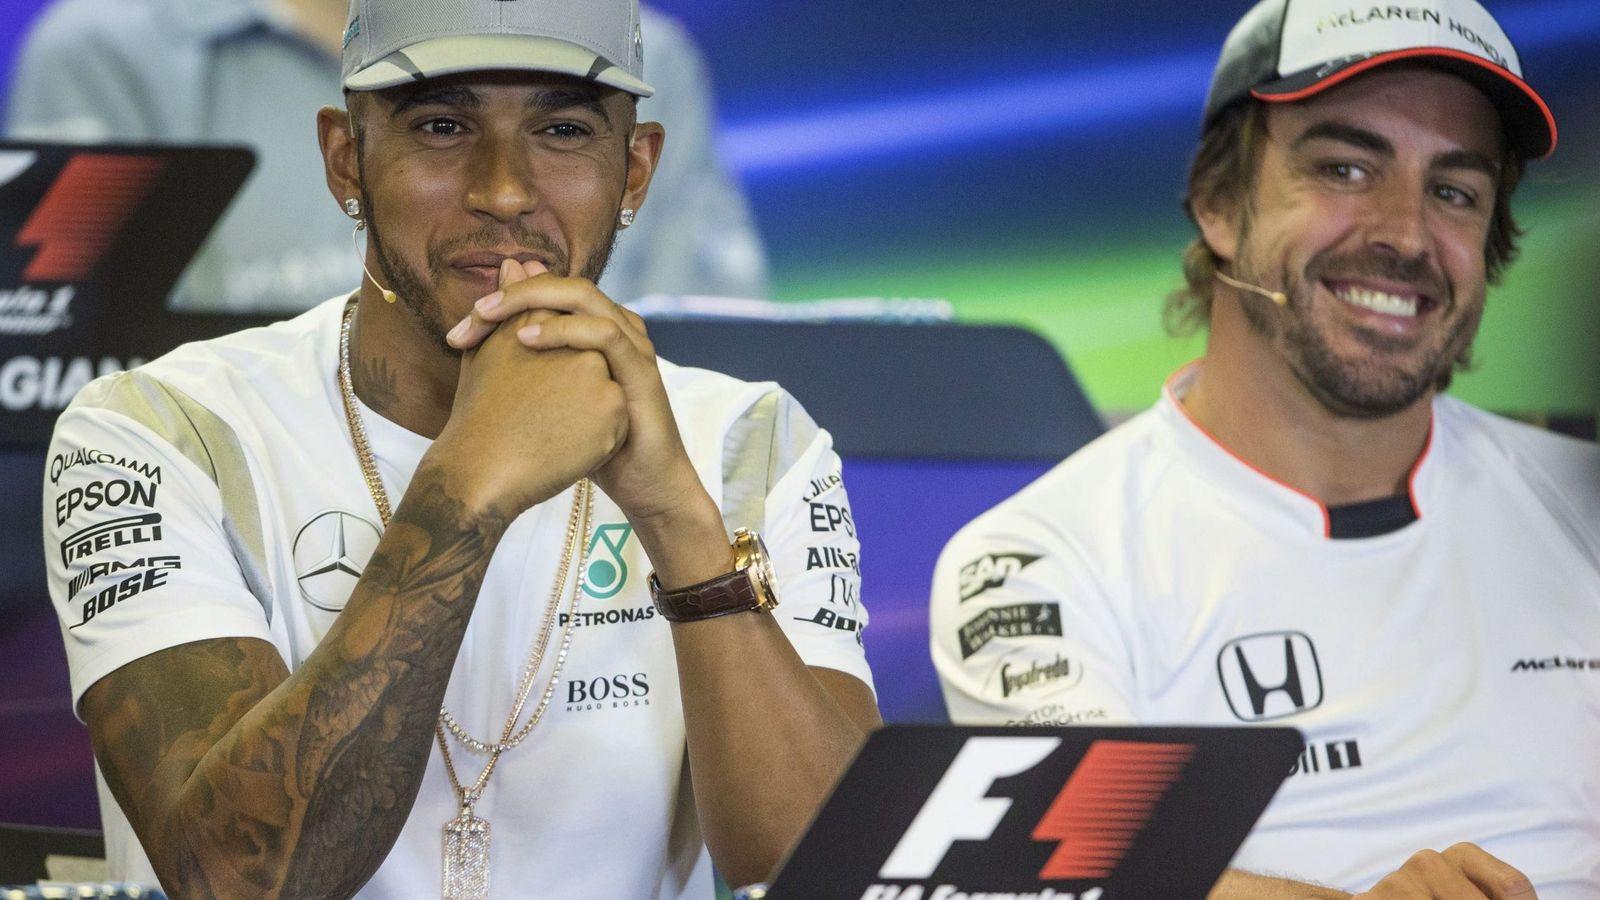 Foto: Lewis Hamilton y Fernando Alonso, durante una rueda de prensa. (EFE)